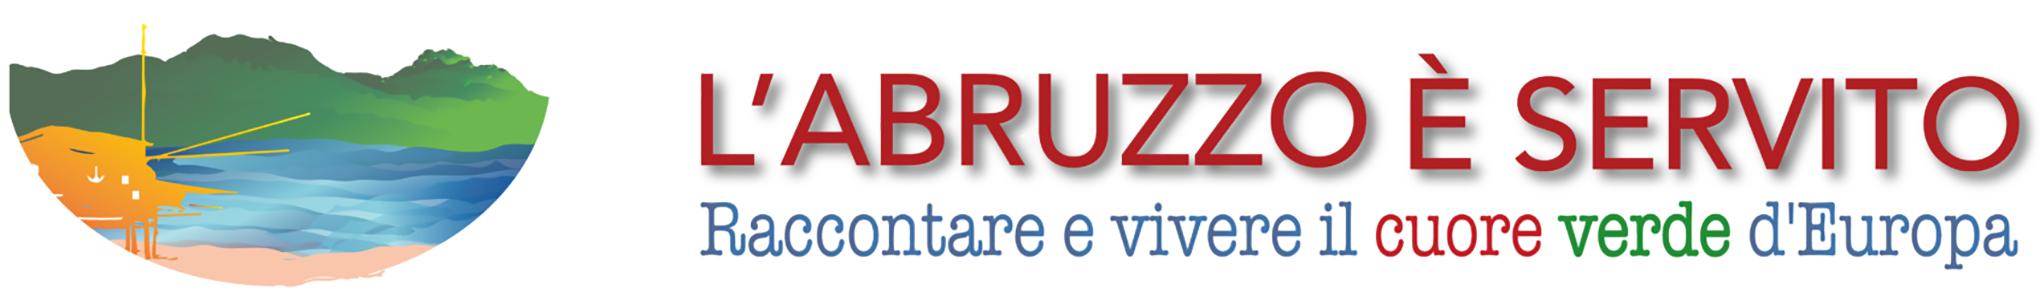 L'Abruzzo È Servito